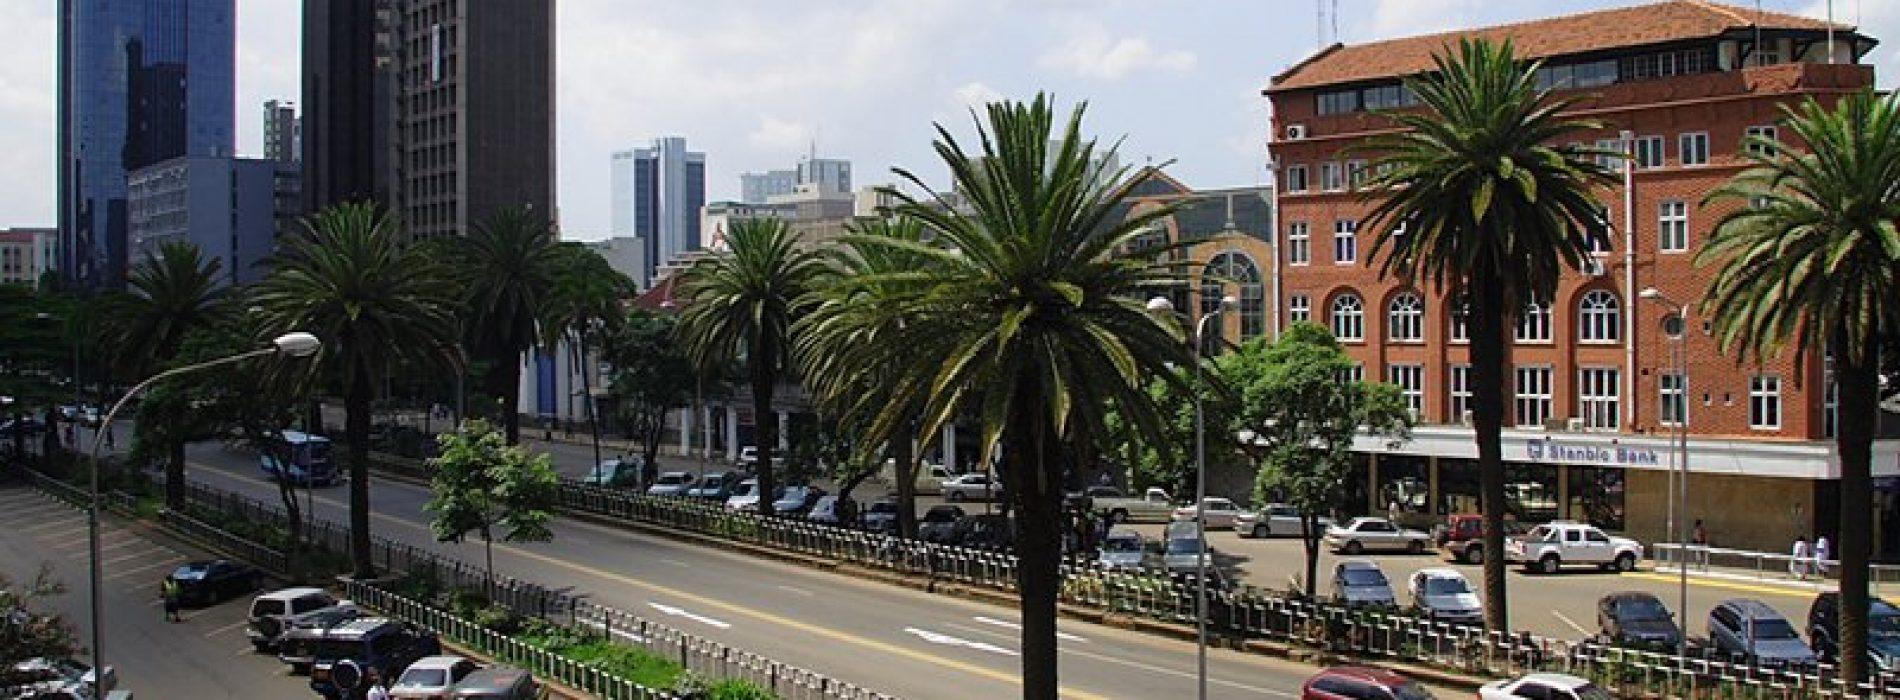 Covid19, I paesi africani stanno facilmente ottenendo un rinegoziamento dei debiti dalla Cina